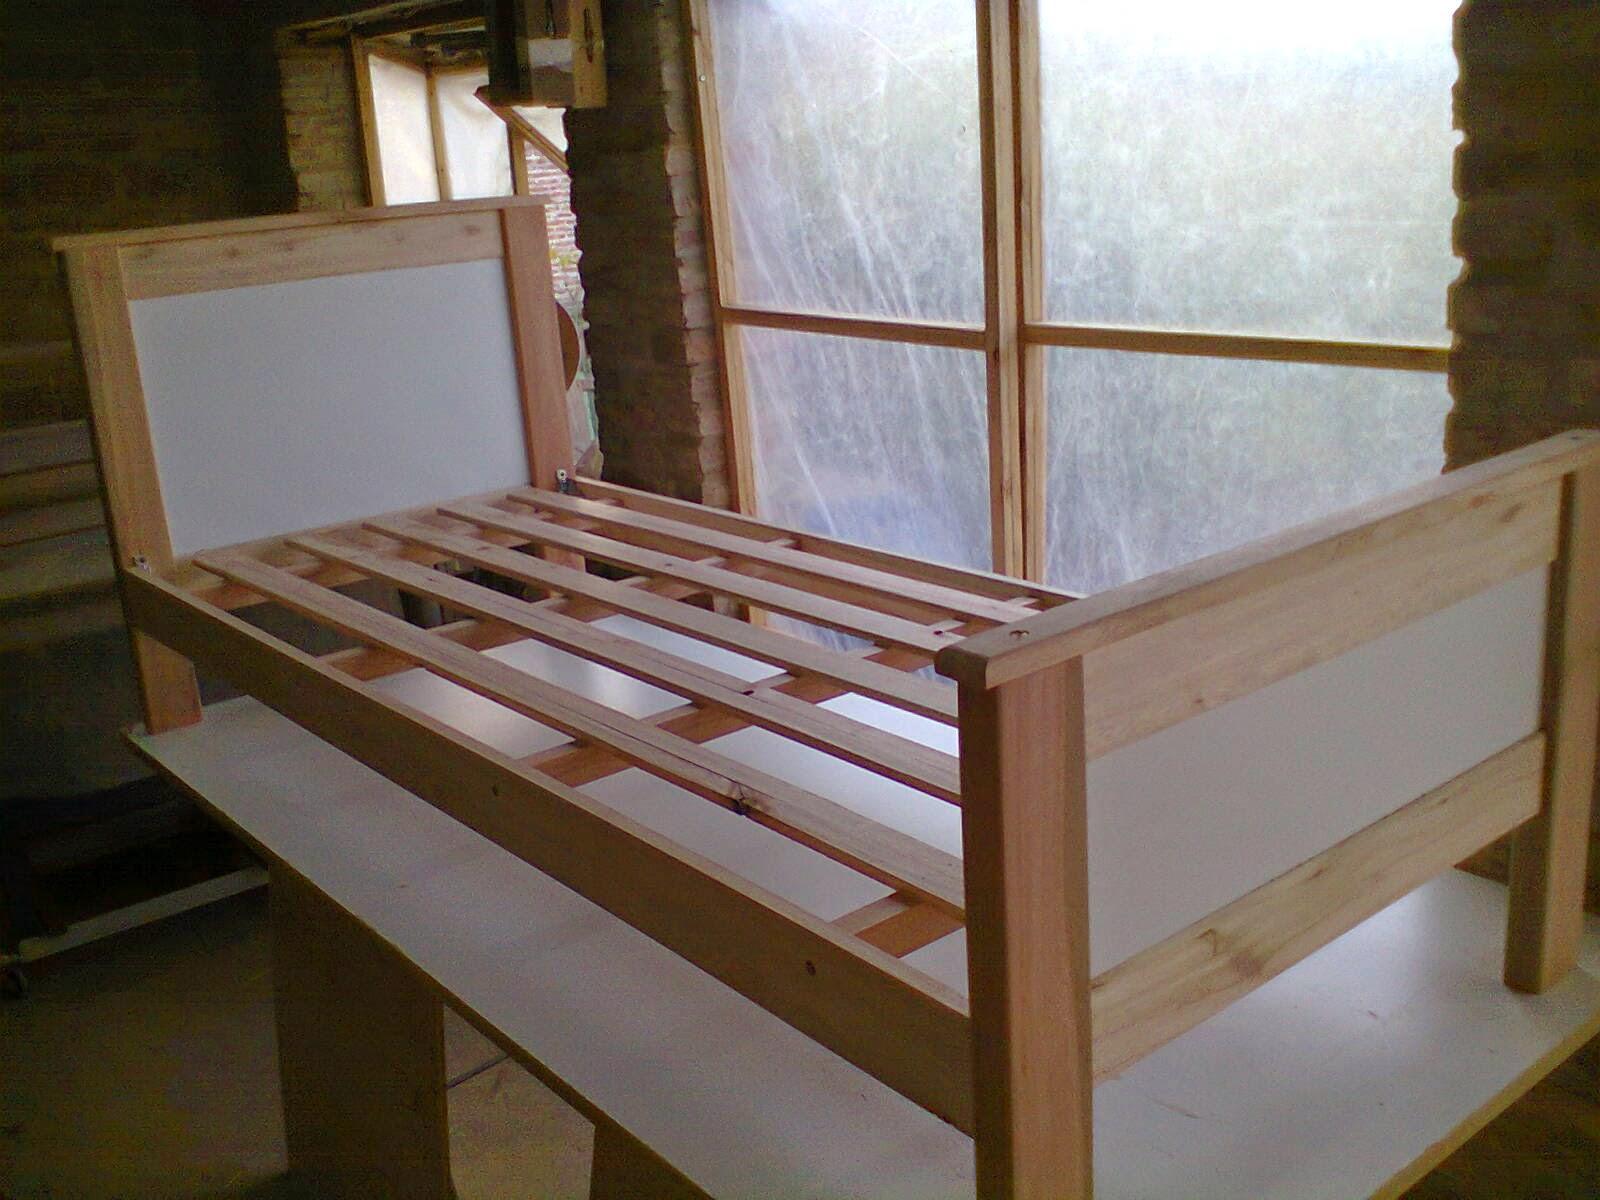 Muebles Exclusivos : Moblamento muebles exclusivos